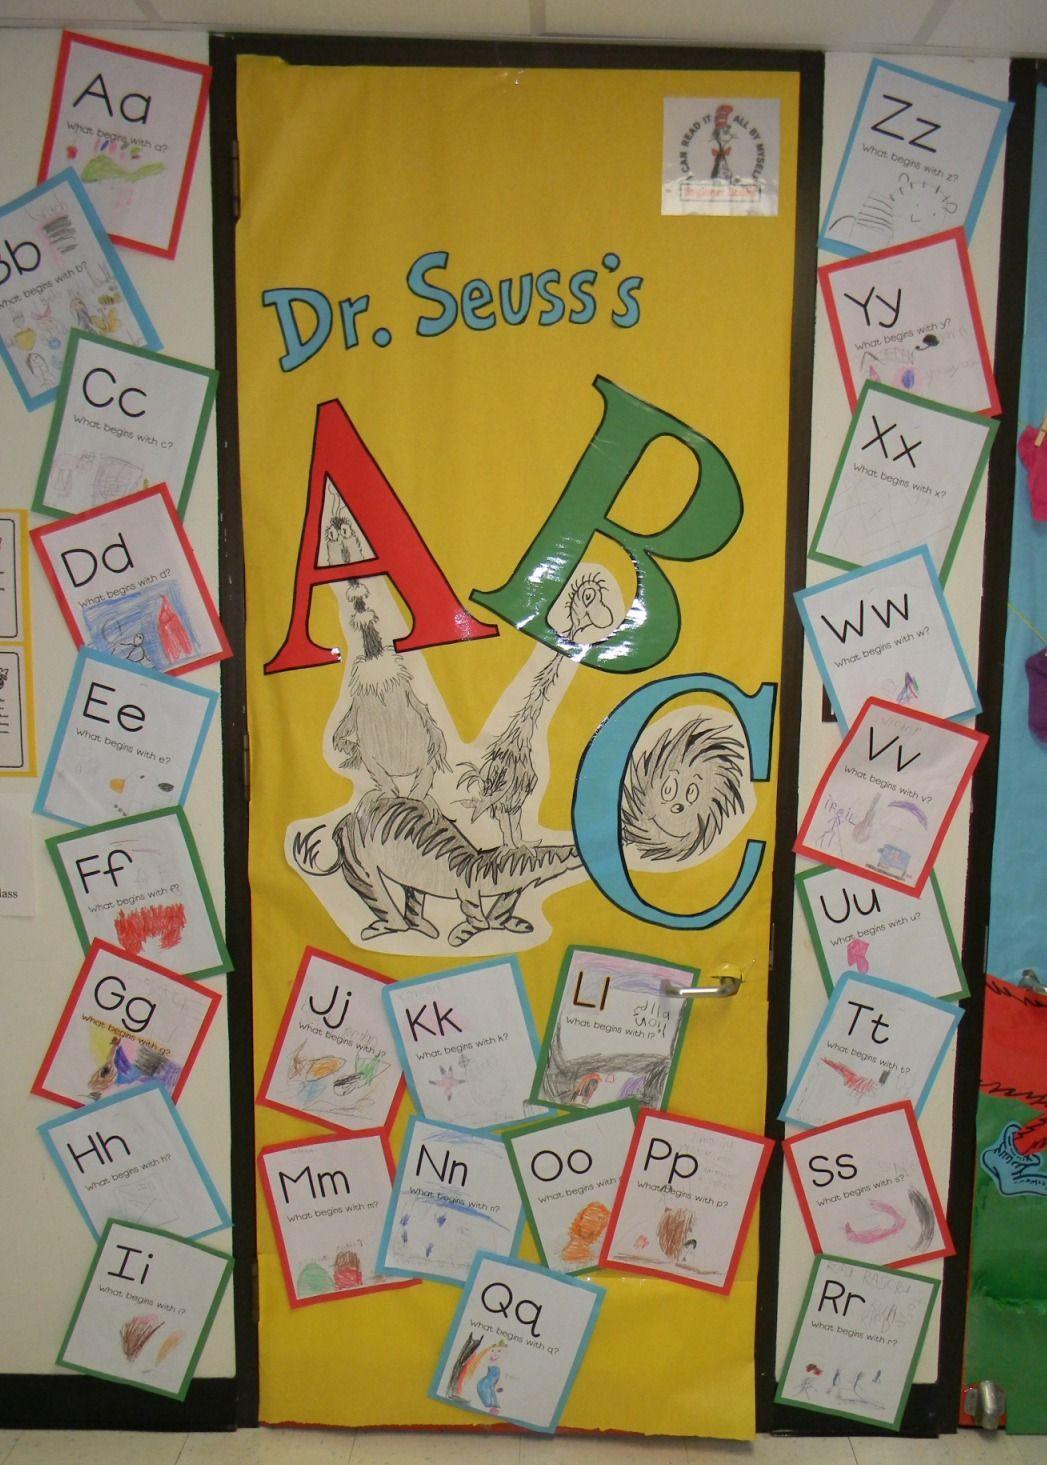 Lle Dr Seuss 4